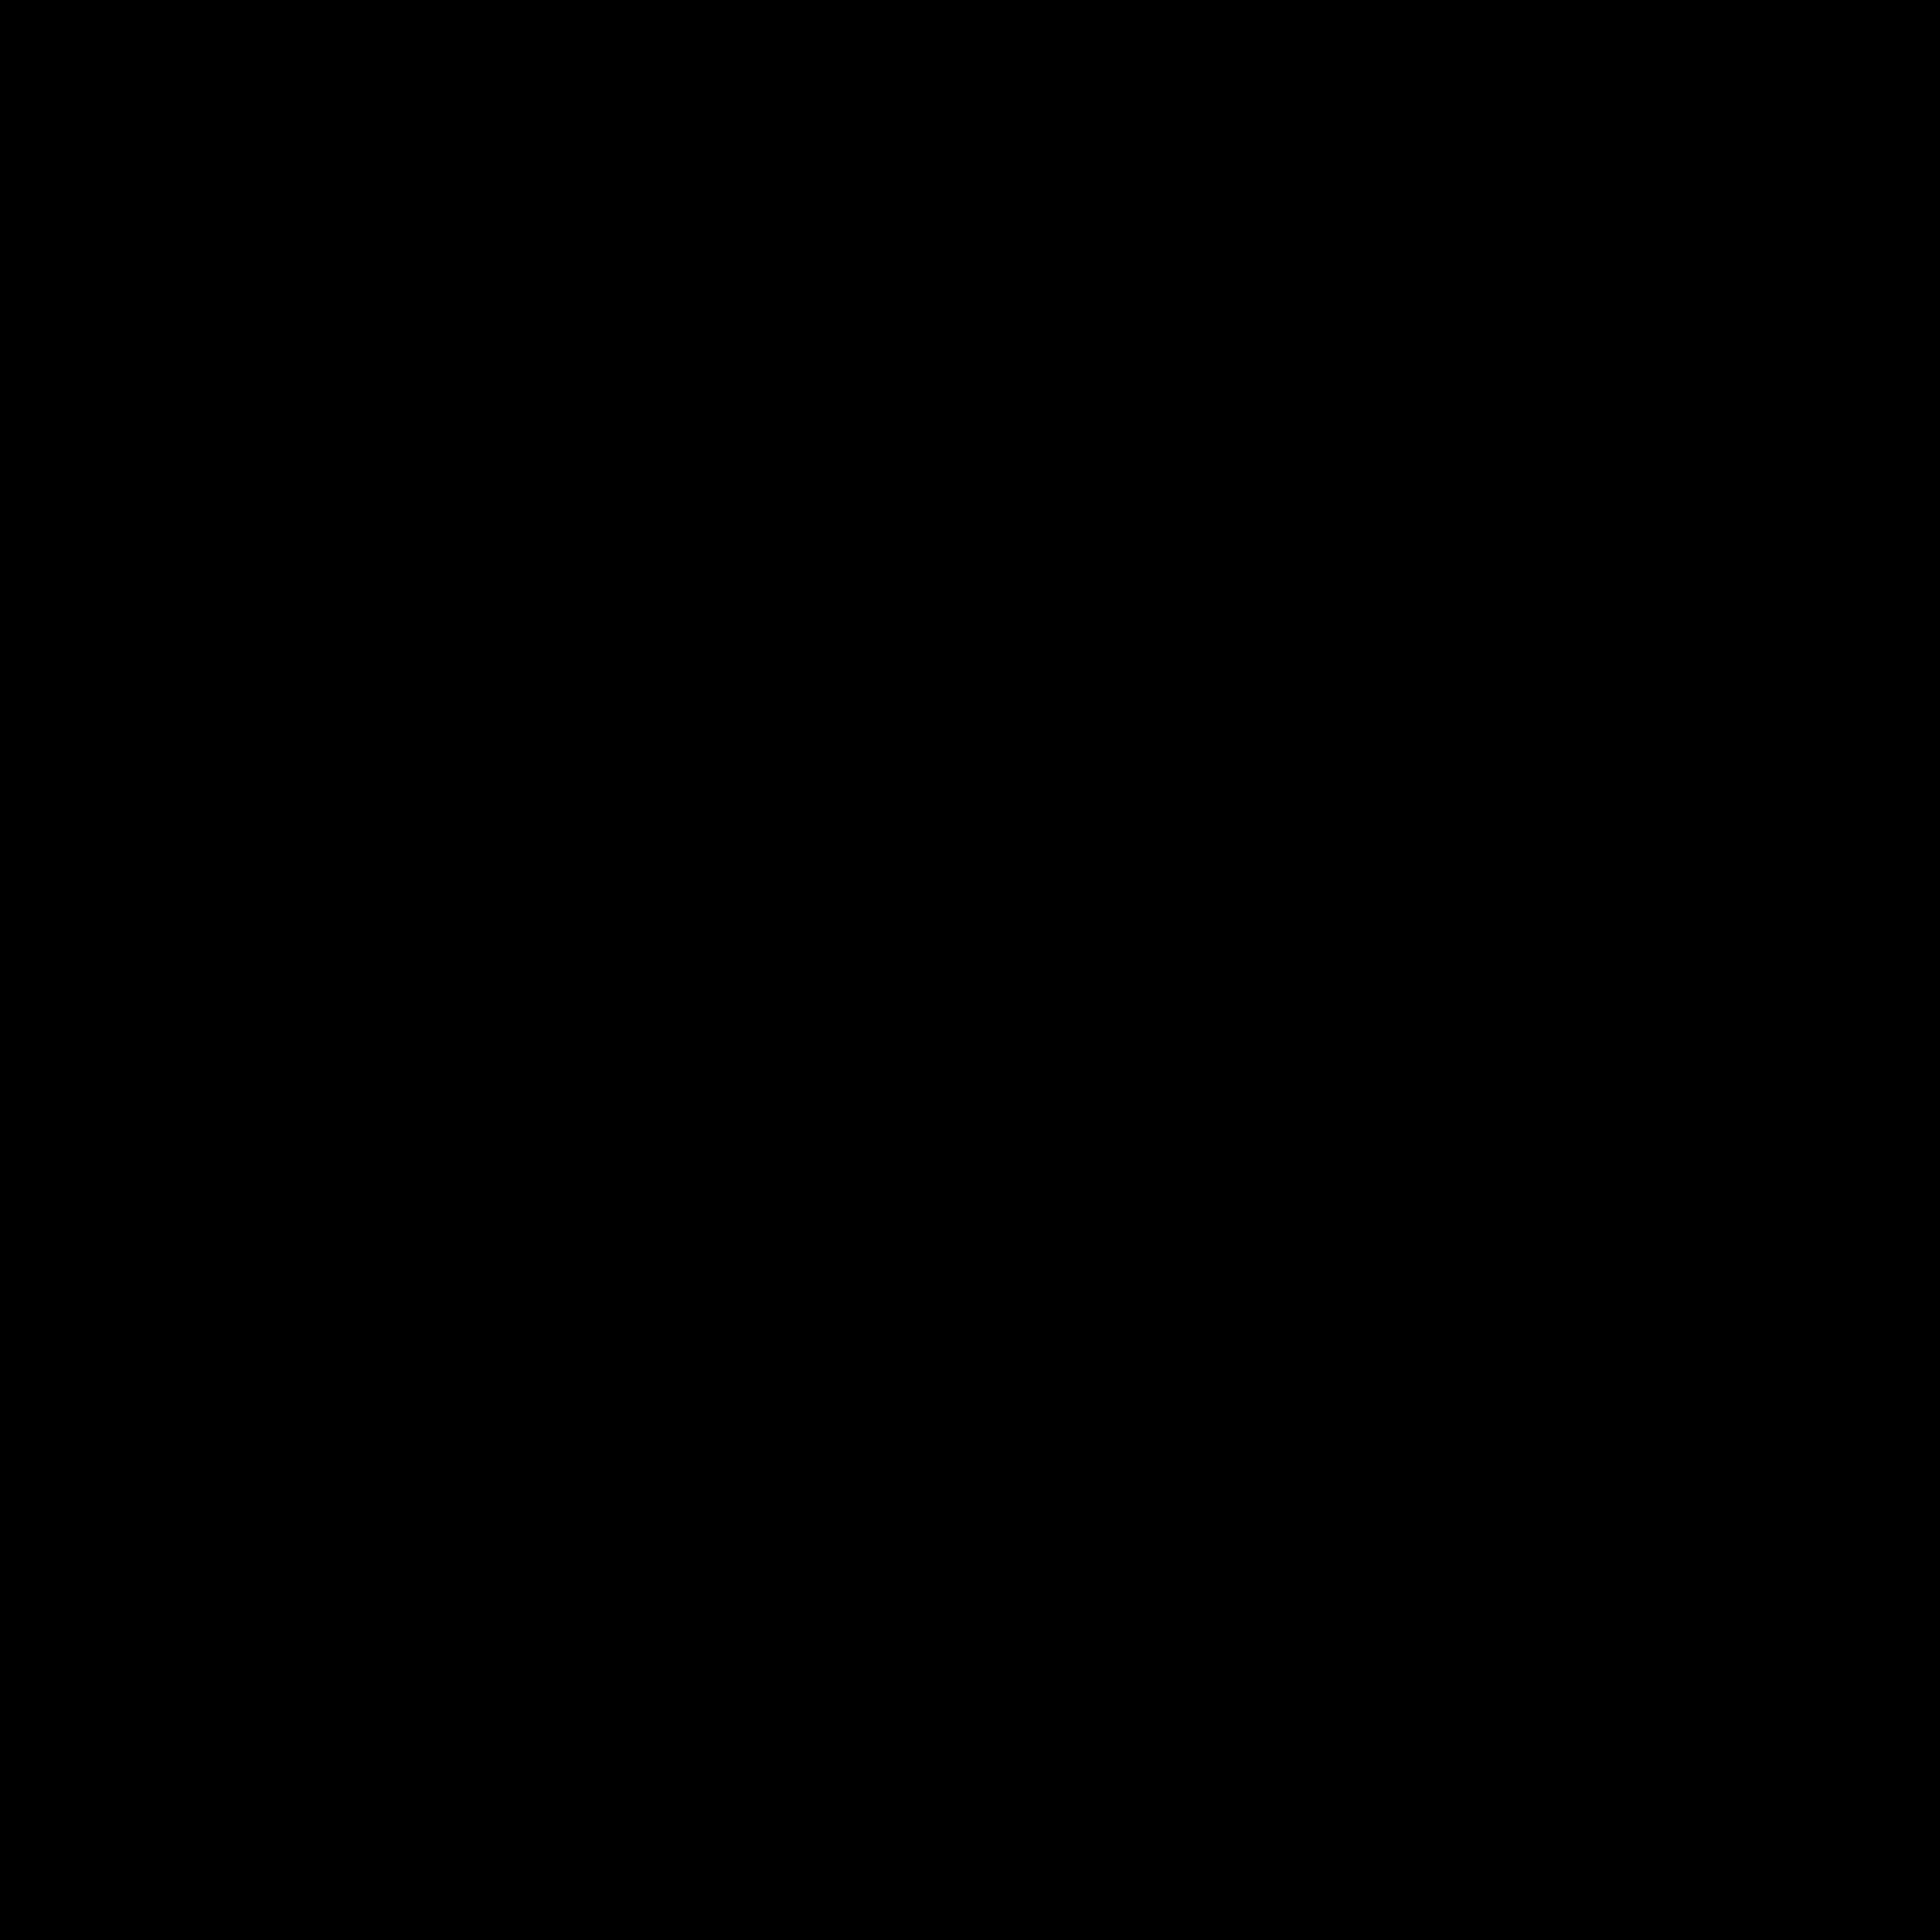 Cygnus_Hotels